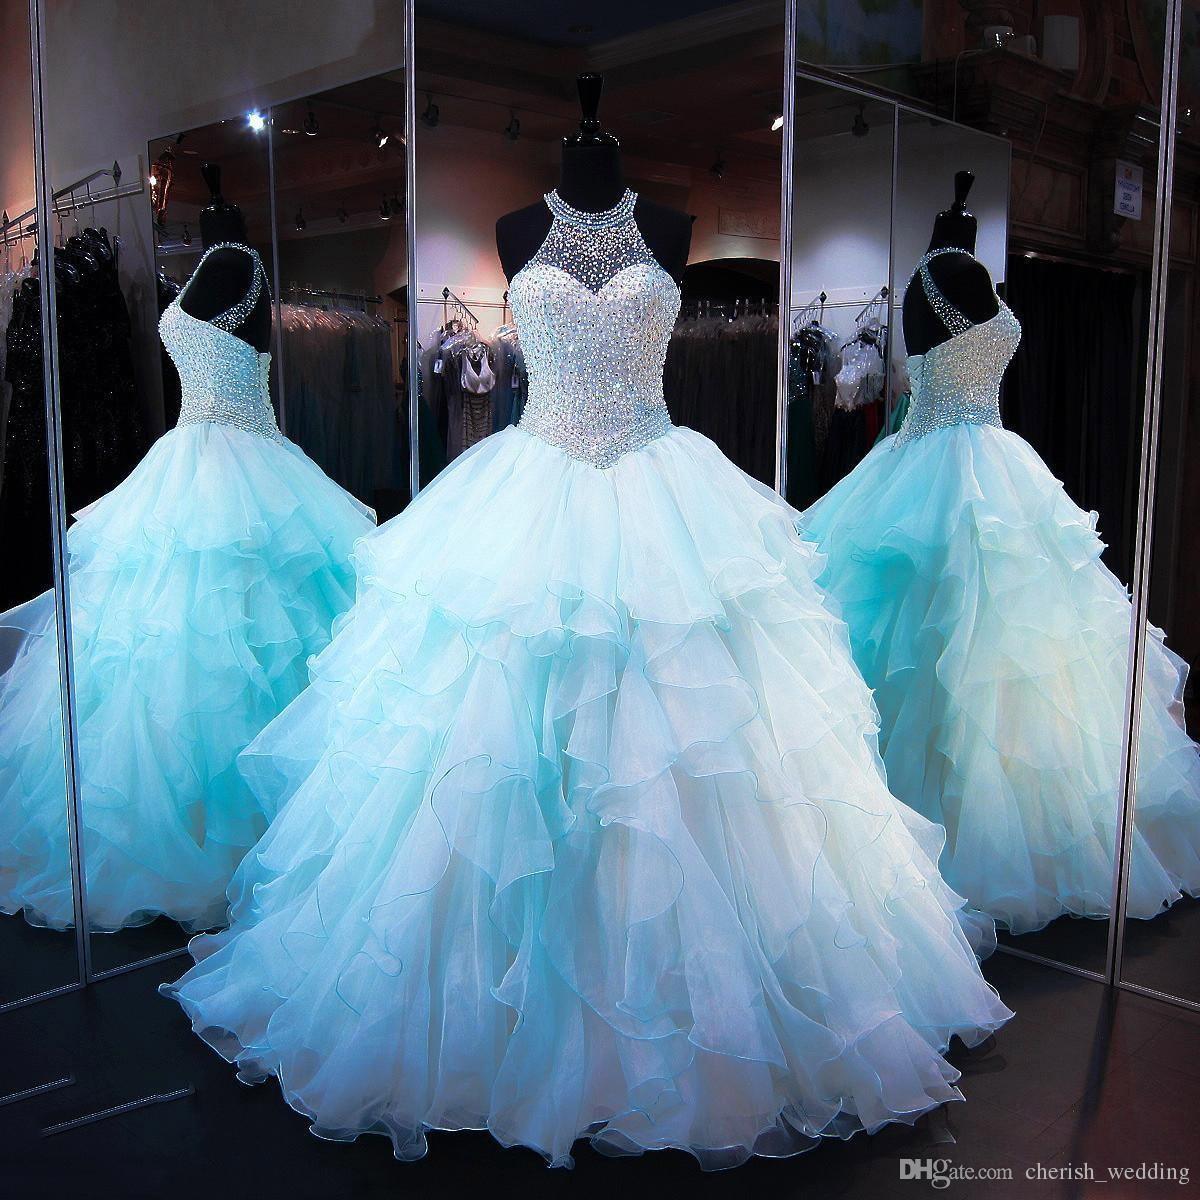 großhandel plus size quinceanera kleid ballkleid prom kleider halter perlen  pailletten sweet 16 kleider rüschen lace up vestidos de quinceanera von